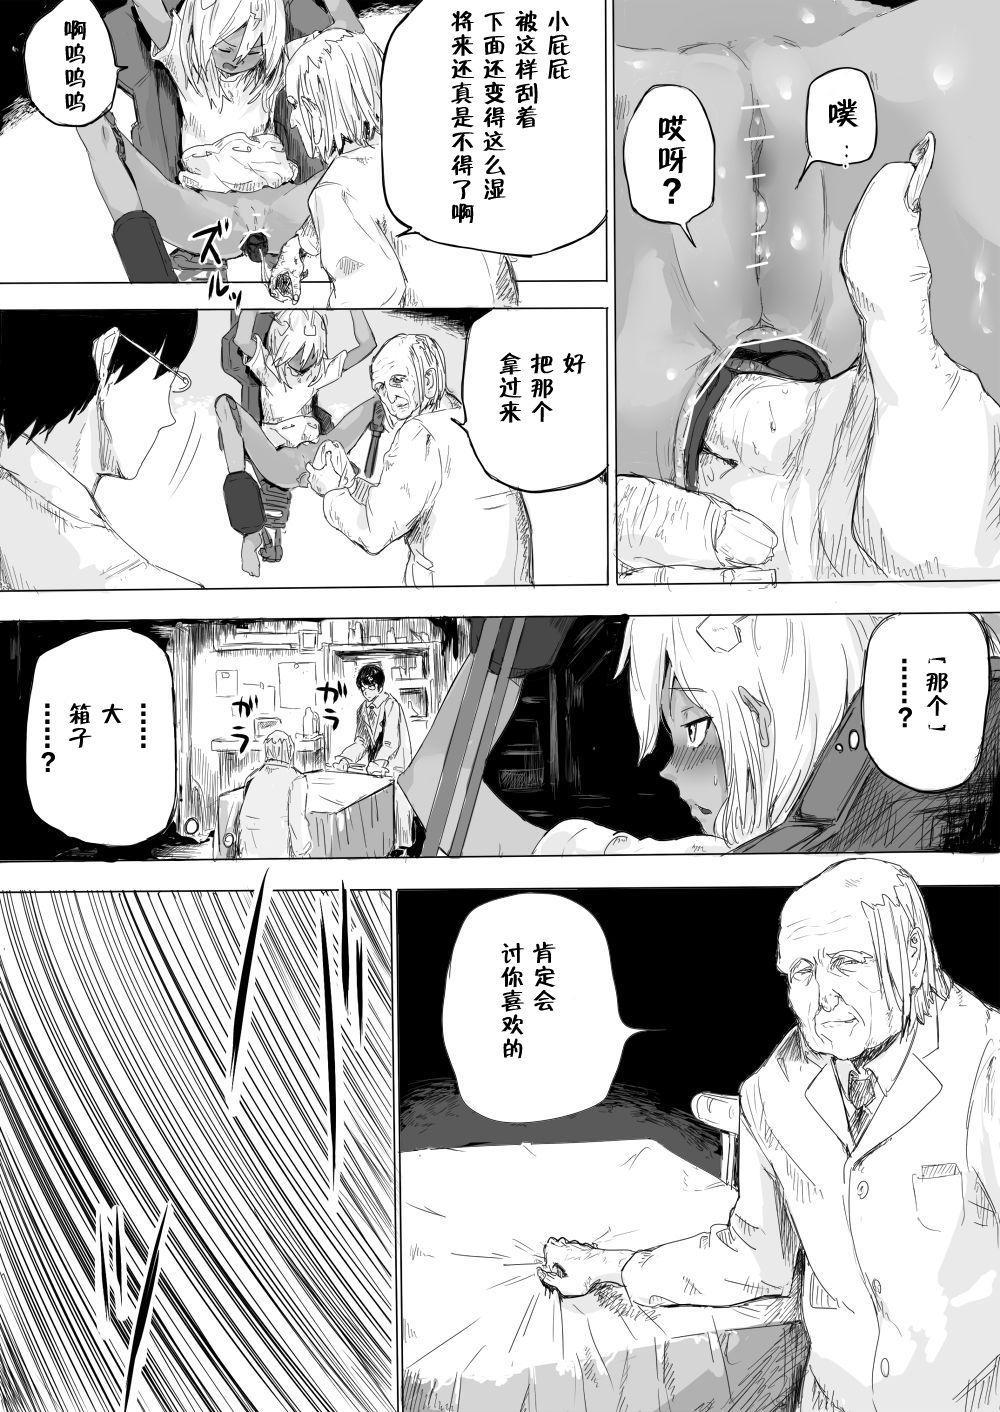 Shoujo o Hitasura Mushi Seme ni Suru Hanashi 7